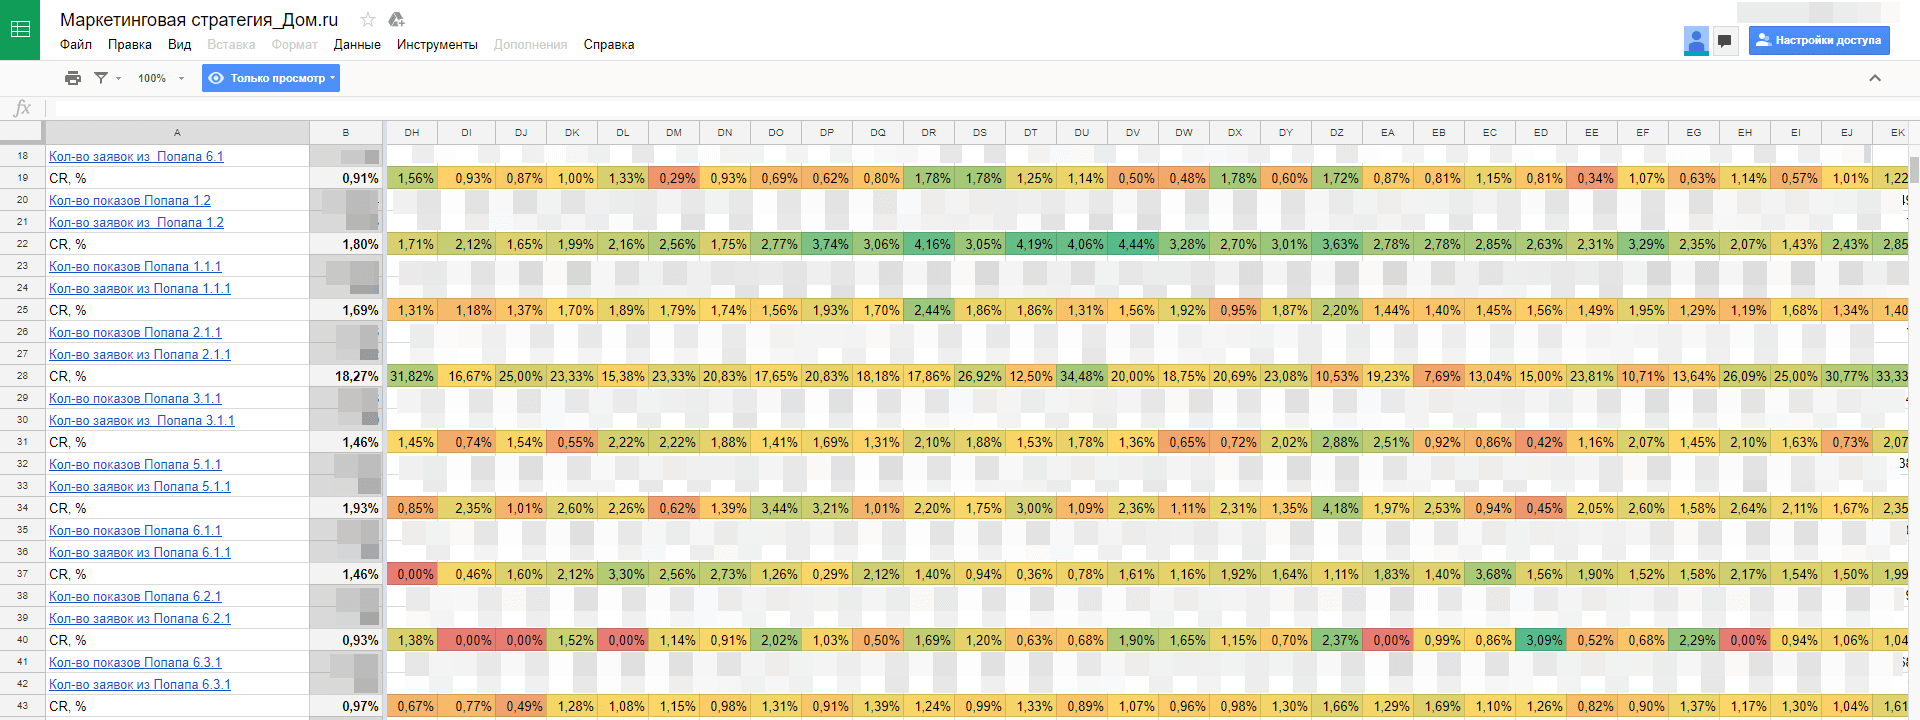 мониторинг результатов